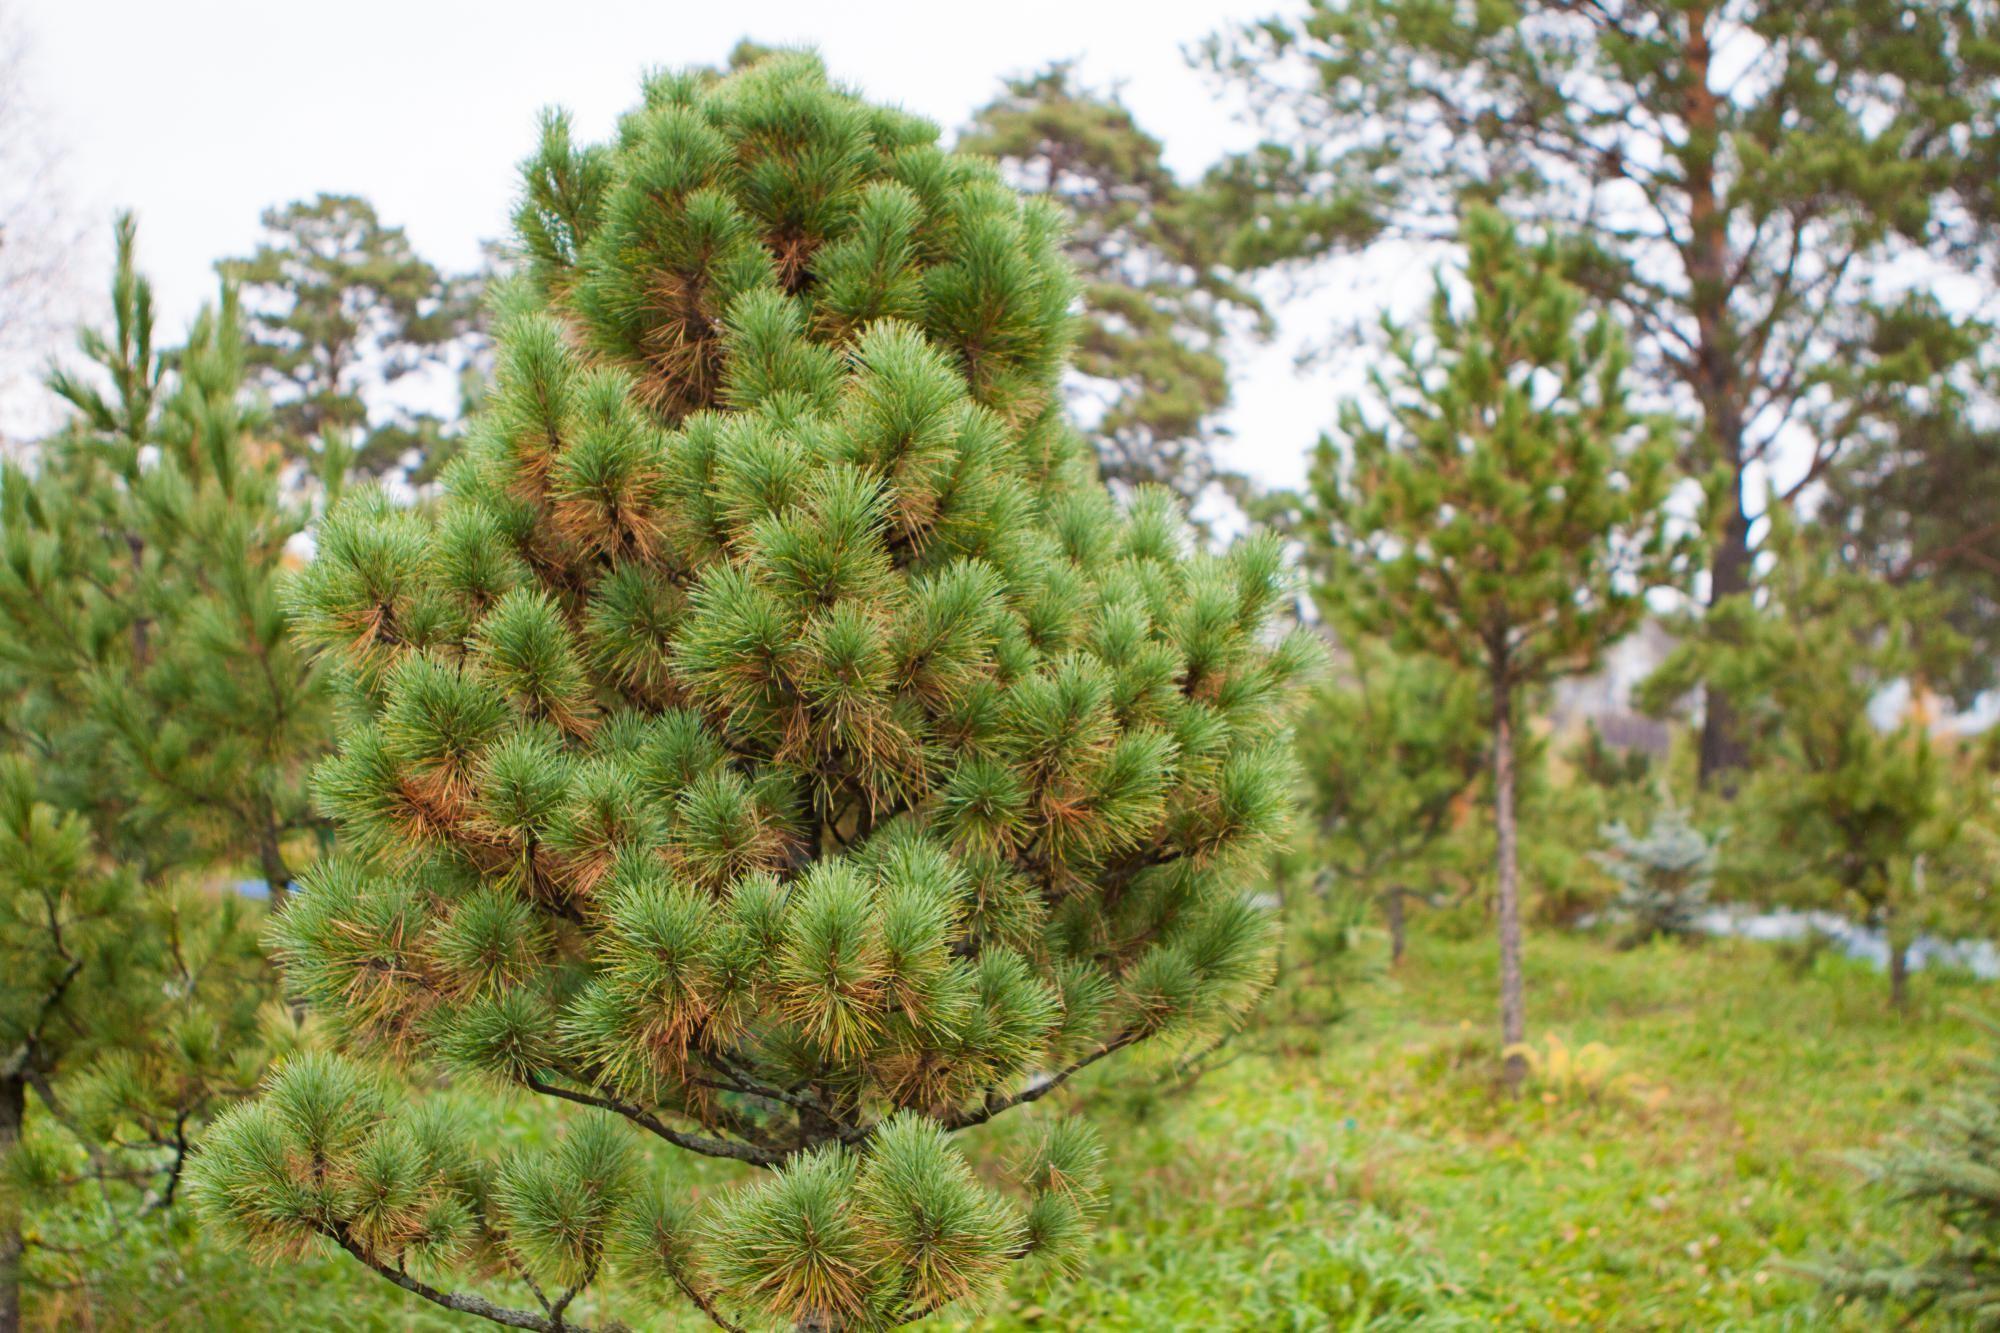 ложной кедр картинка дерева всего